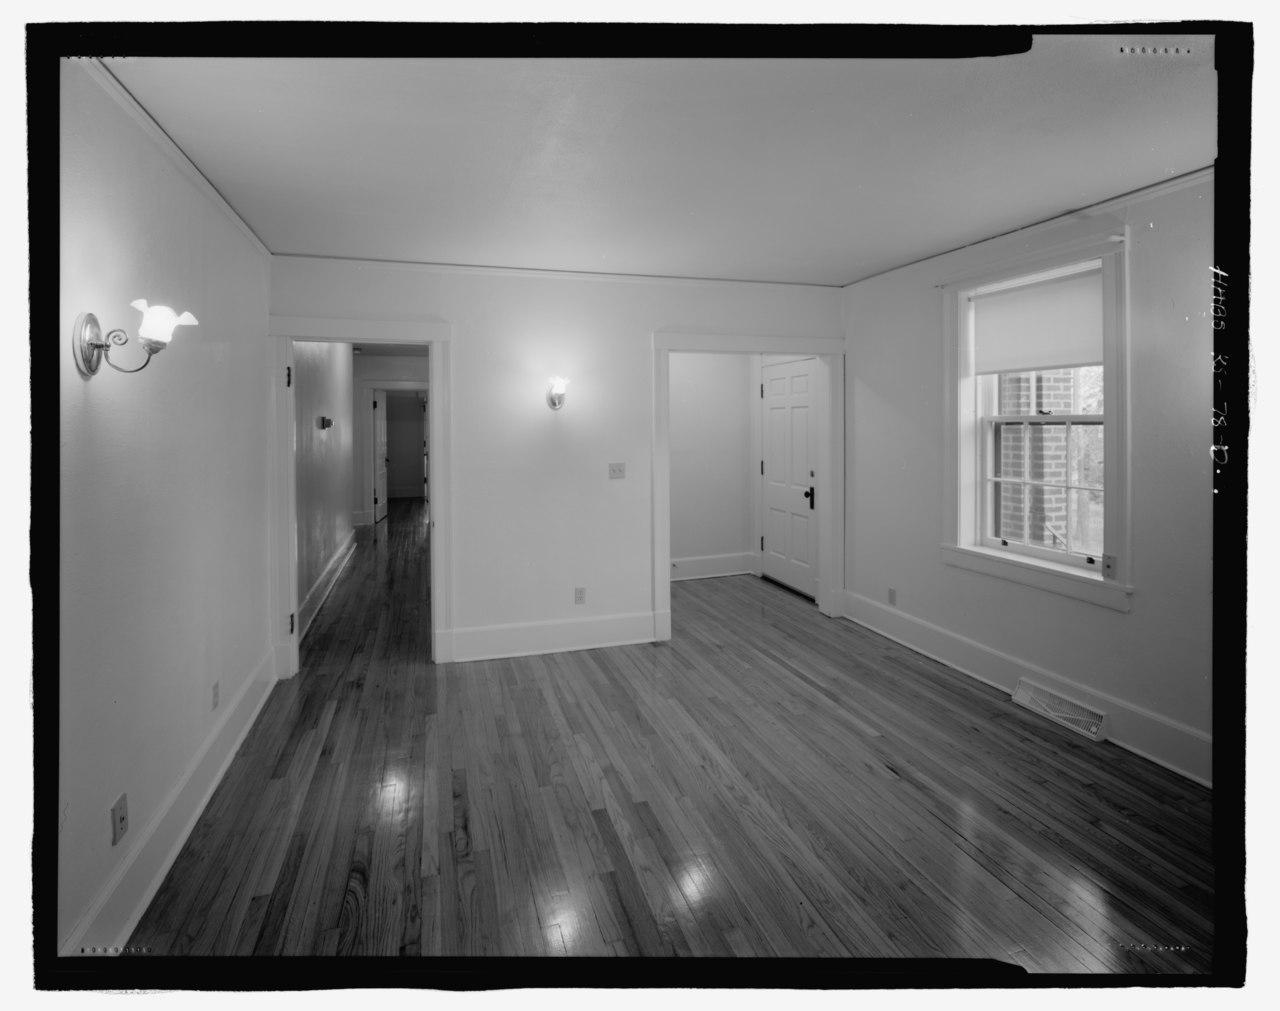 Washington Court Apartments I